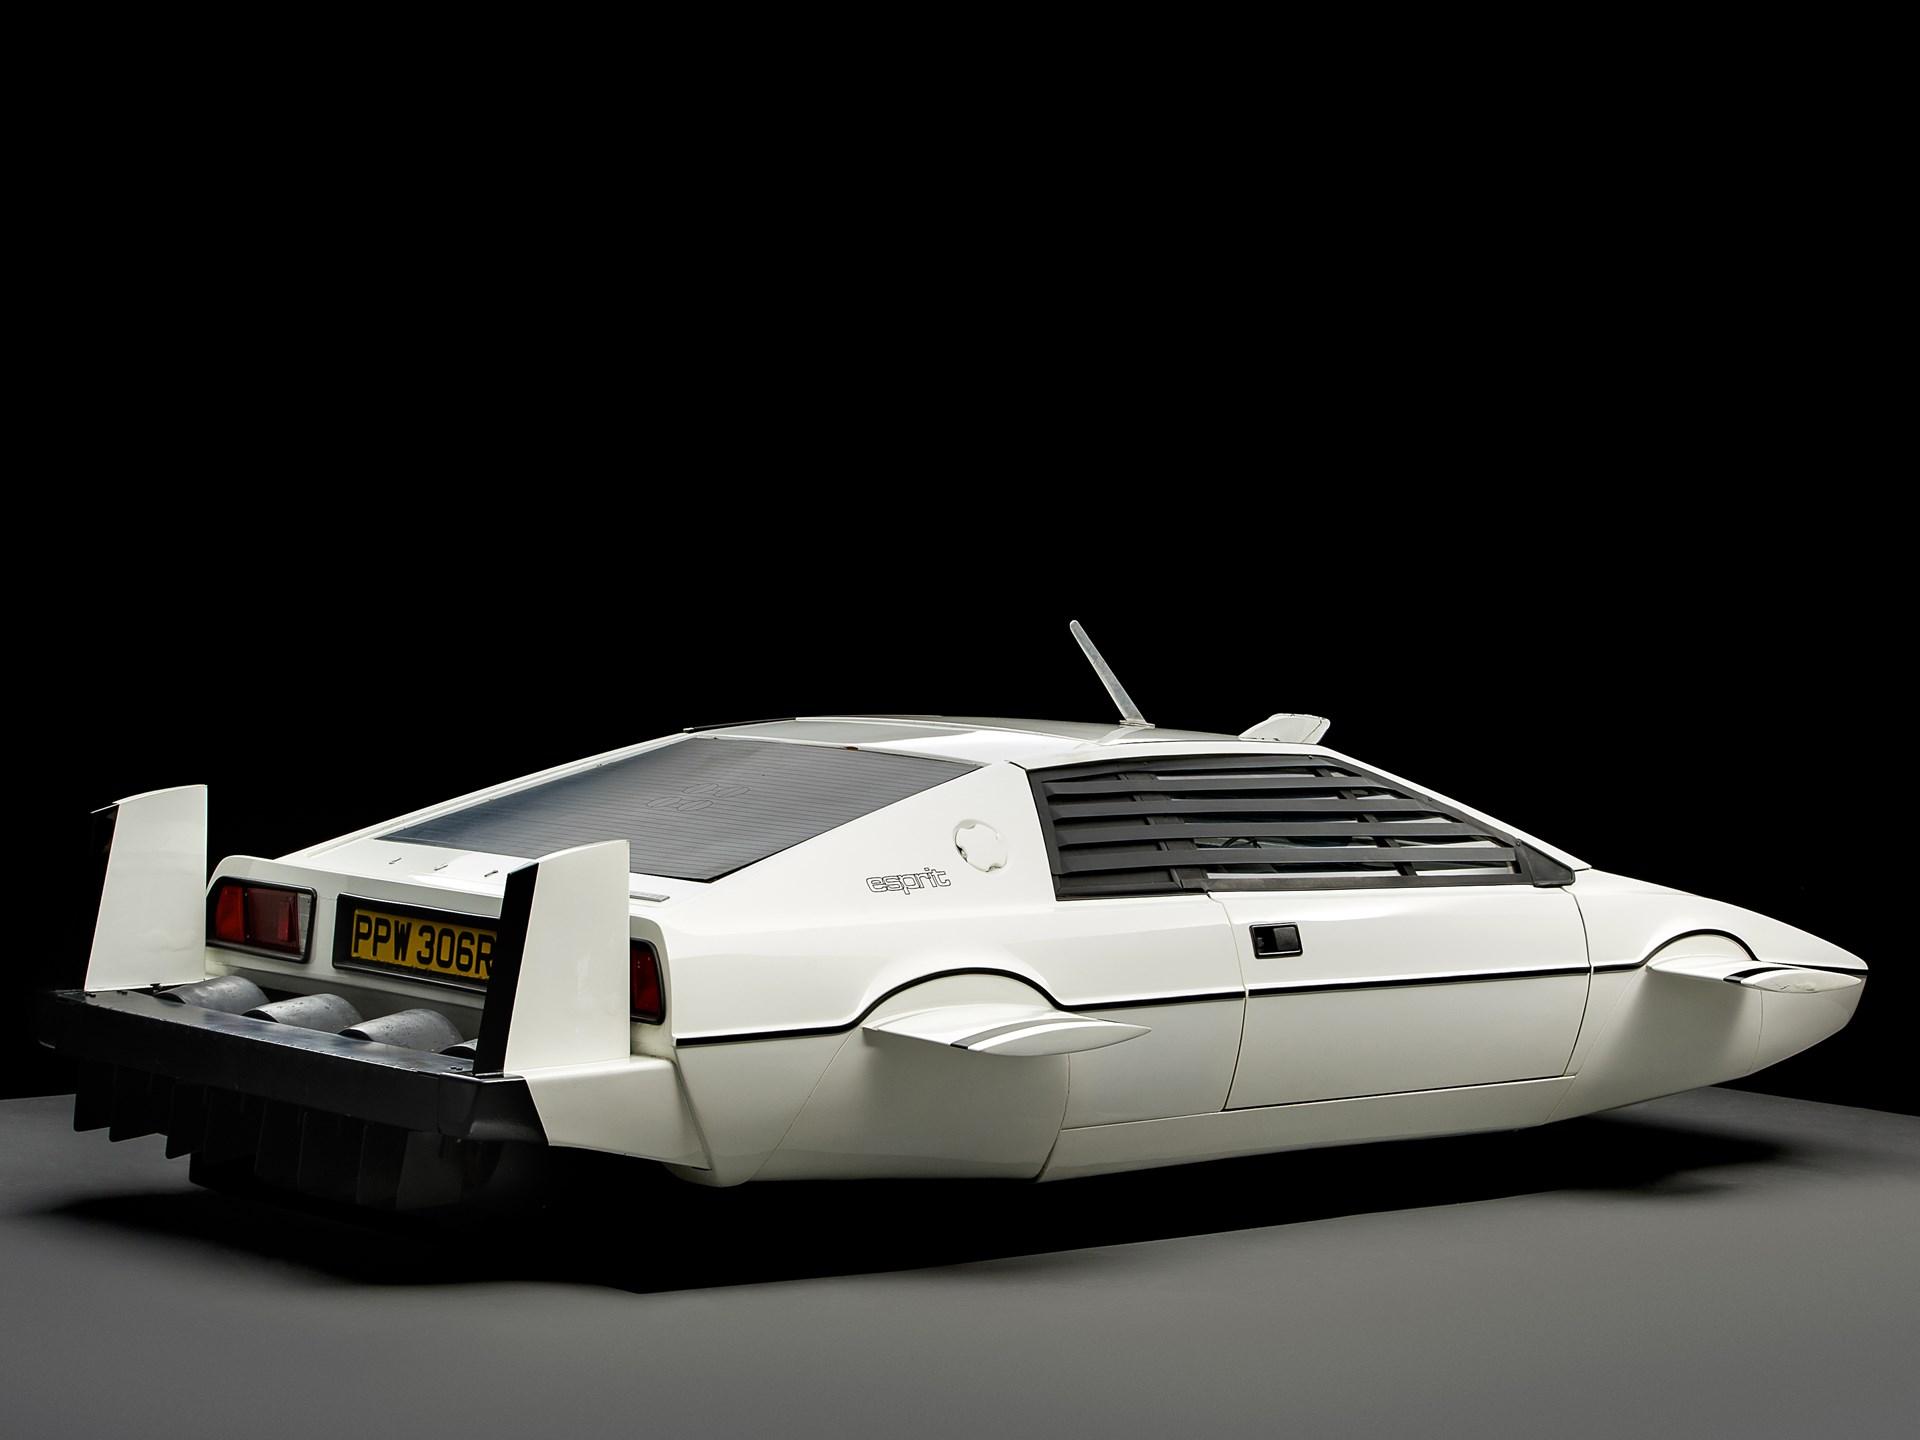 007 Lotus Esprit 'Submarine Car' rear 3/4